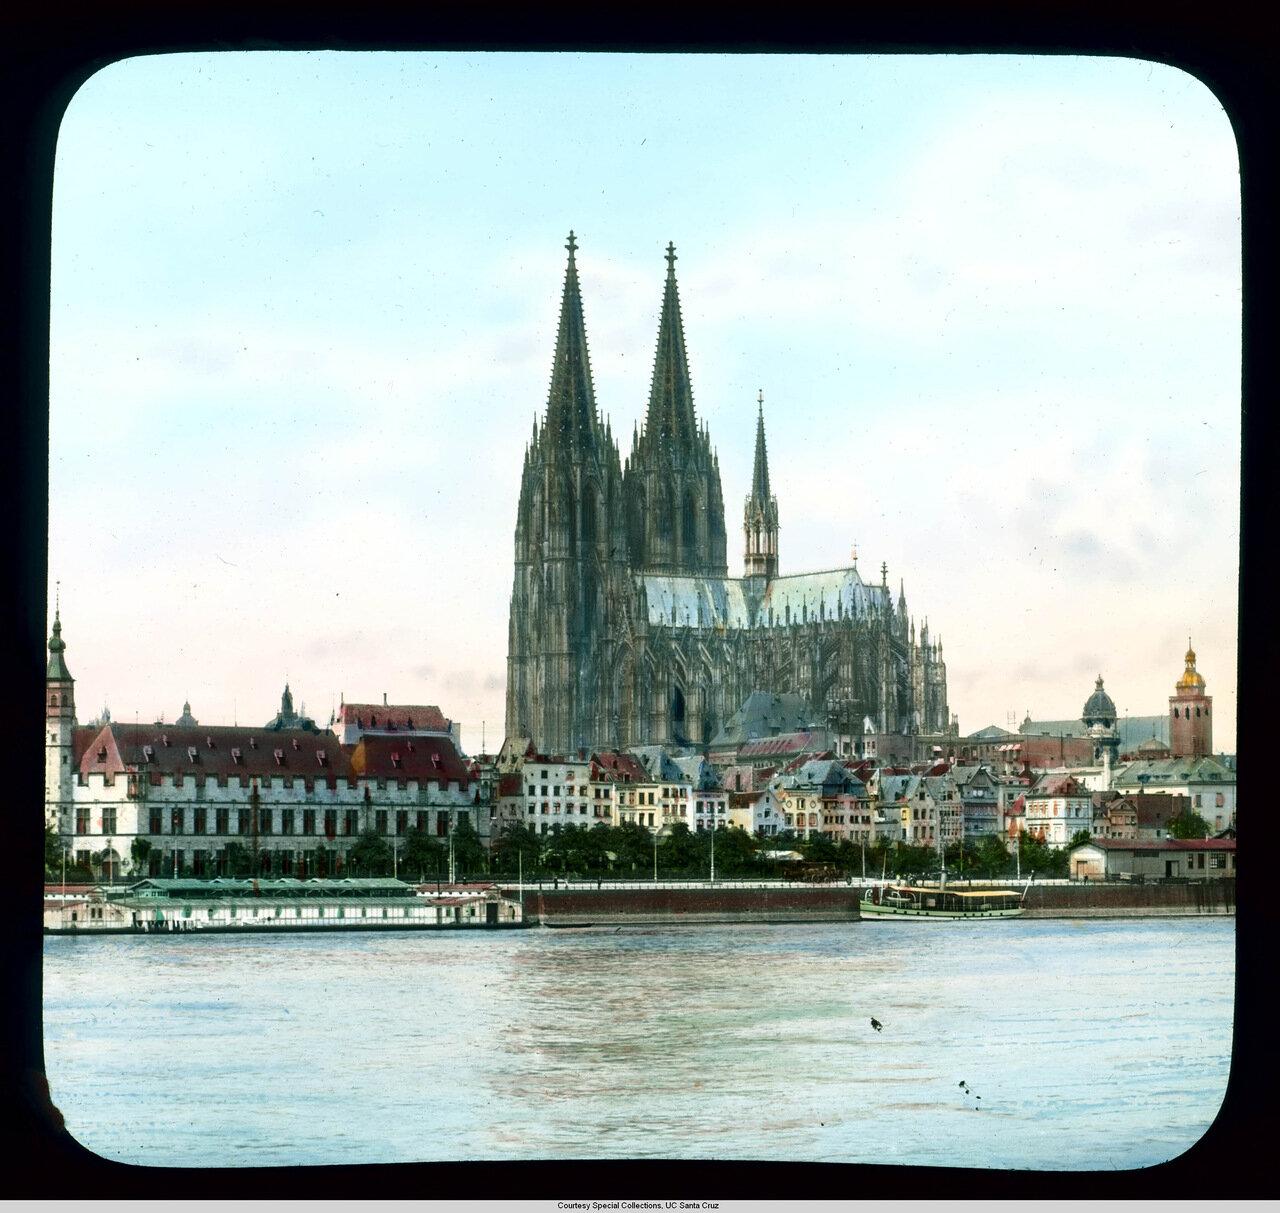 Кельн. Панорамная фотография. Штапельхаус и Кельнский собор